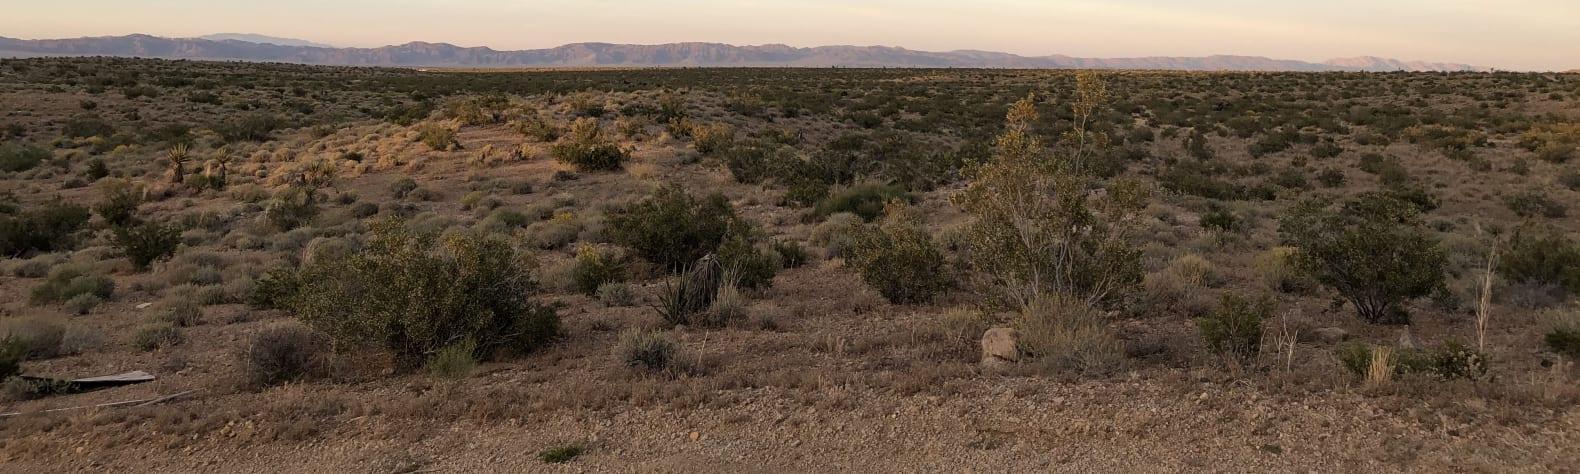 Aj P.'s Land